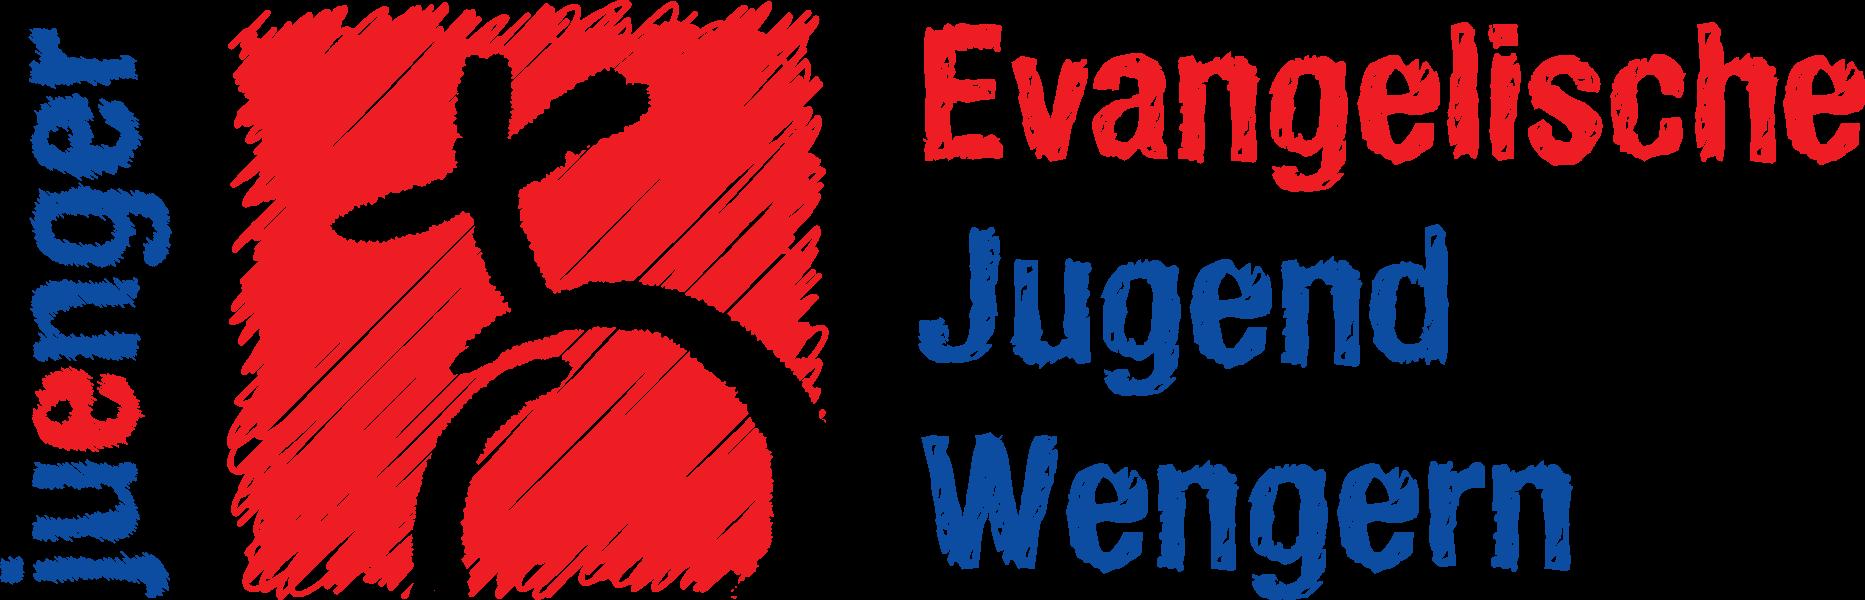 Juenger Wengern